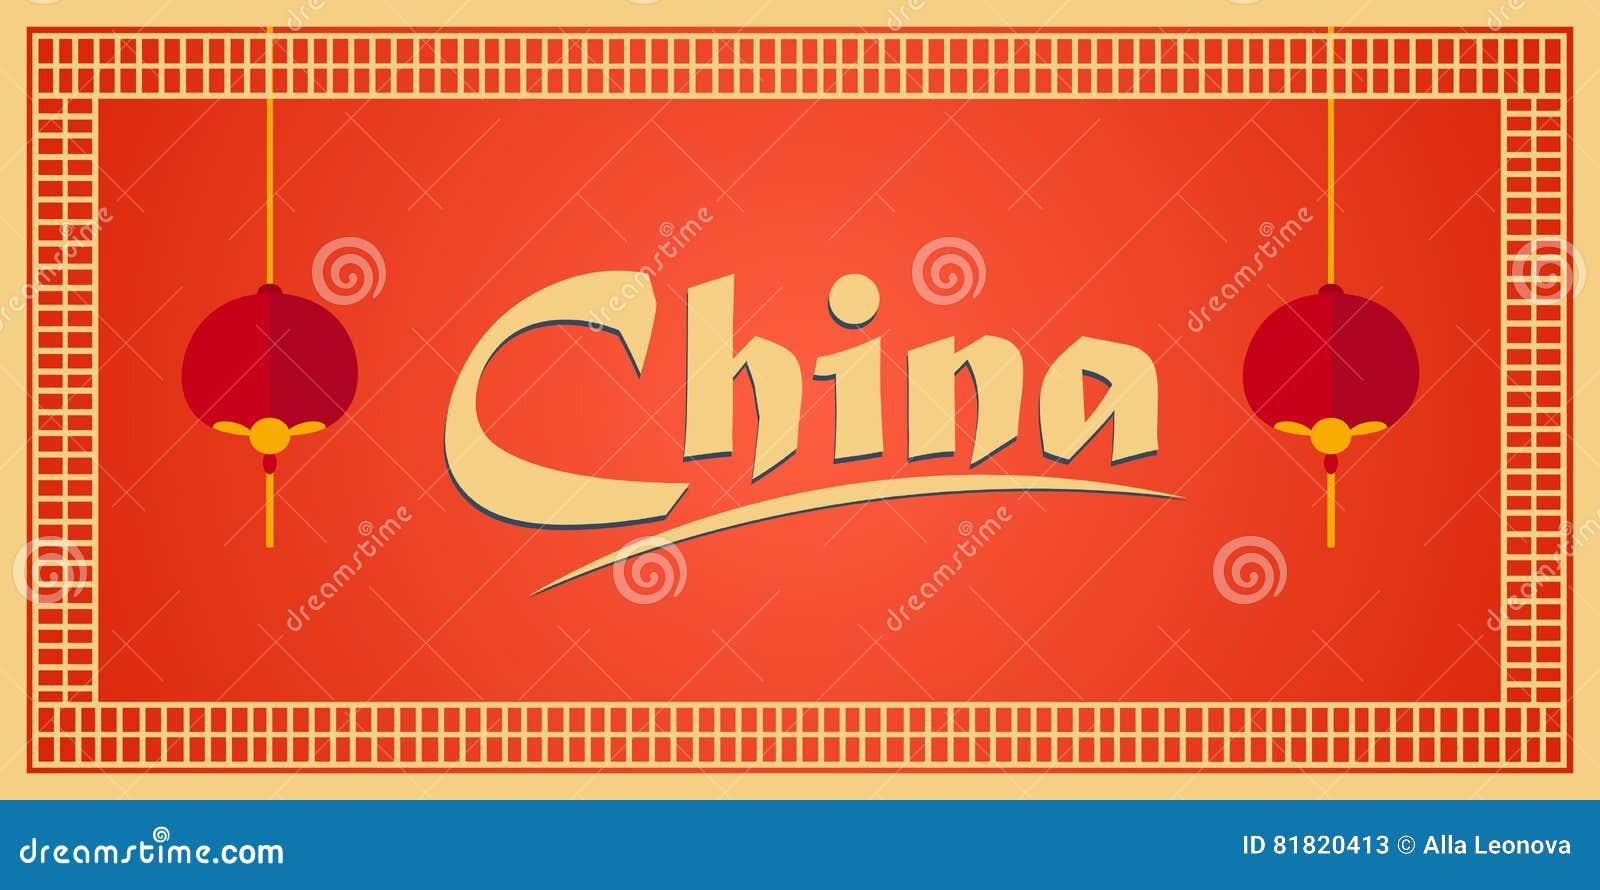 Dispare a China Vacaciones Viaje por carretera Turismo Viaje Ciudad de Pekín del ejemplo que viaja Diseño plano moderno China Cie